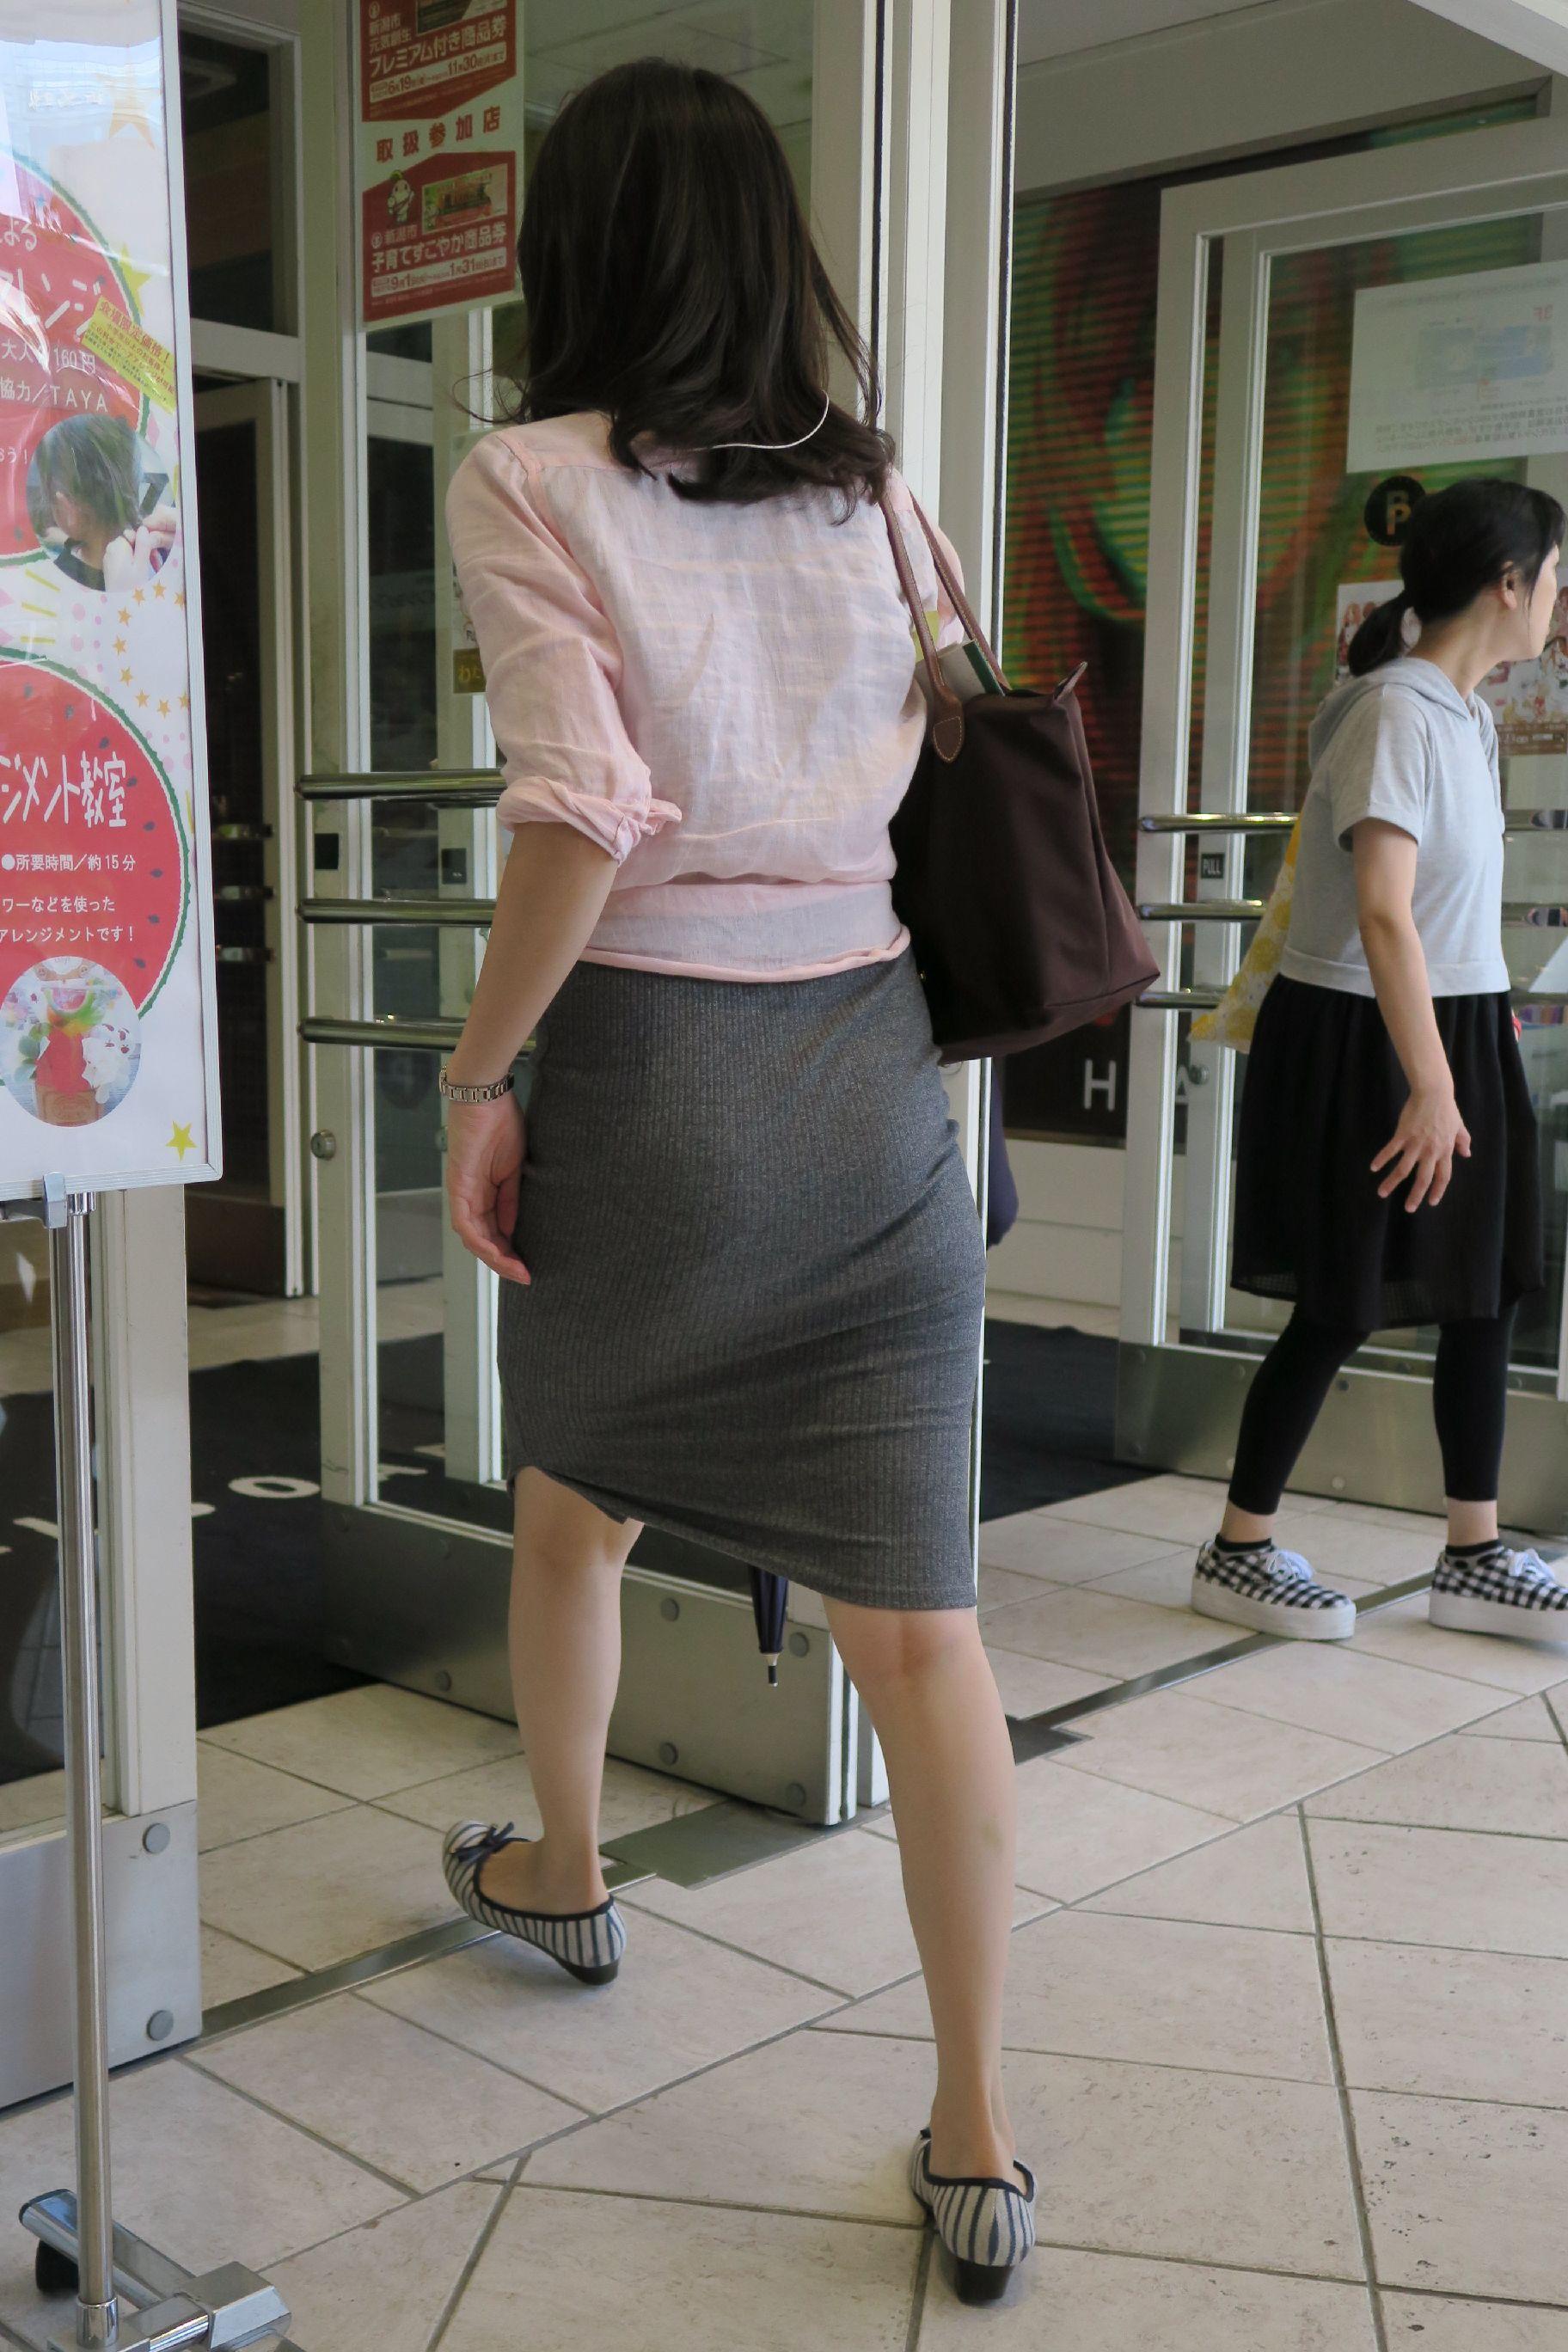 タイトスカートのお尻の素人エロ画像63